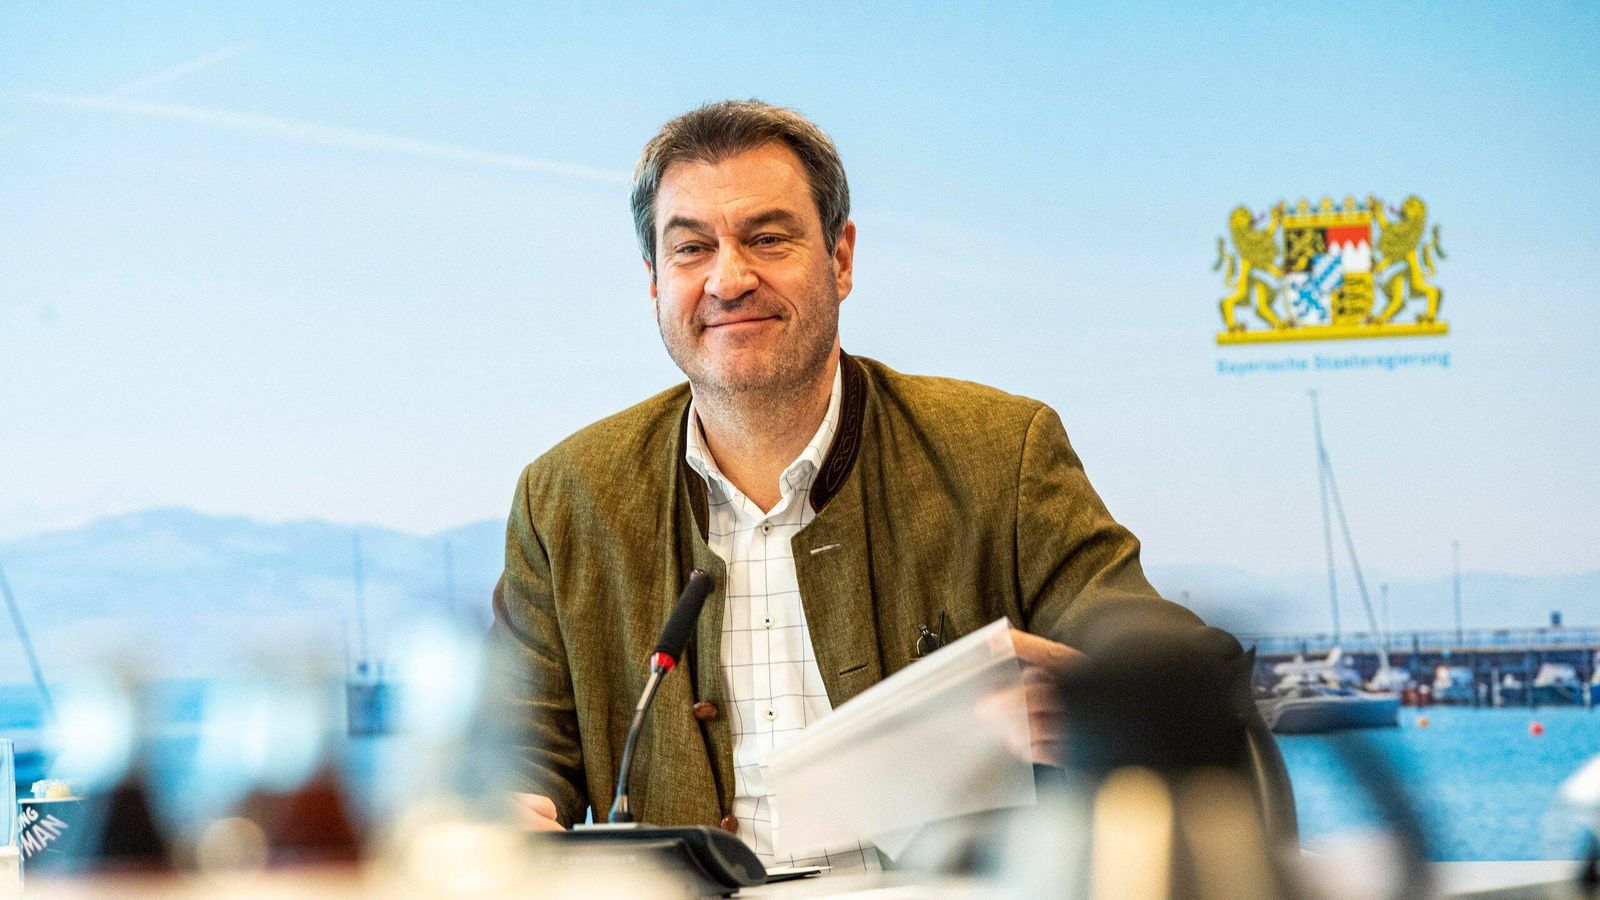 Ministerpräsident Dr. Markus Söder, MdL, leitet die Sitzung des Ministerrats, die per Video-Schalte stattfindet. Das Ka